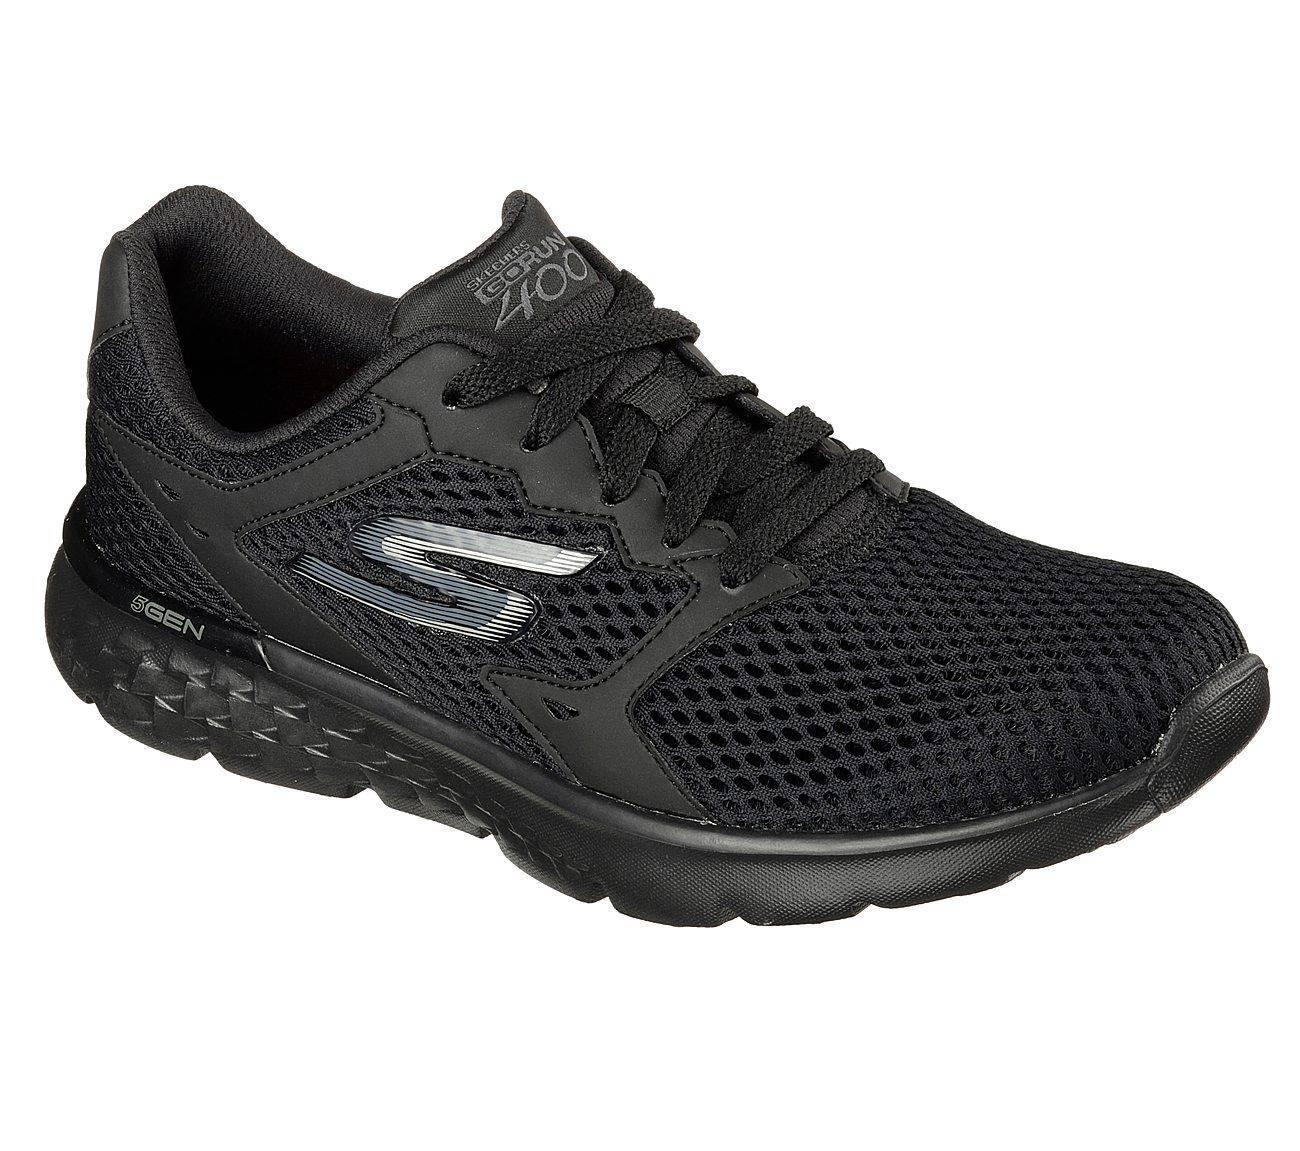 Skechers GORUN 400 Black sneakers for Women -11